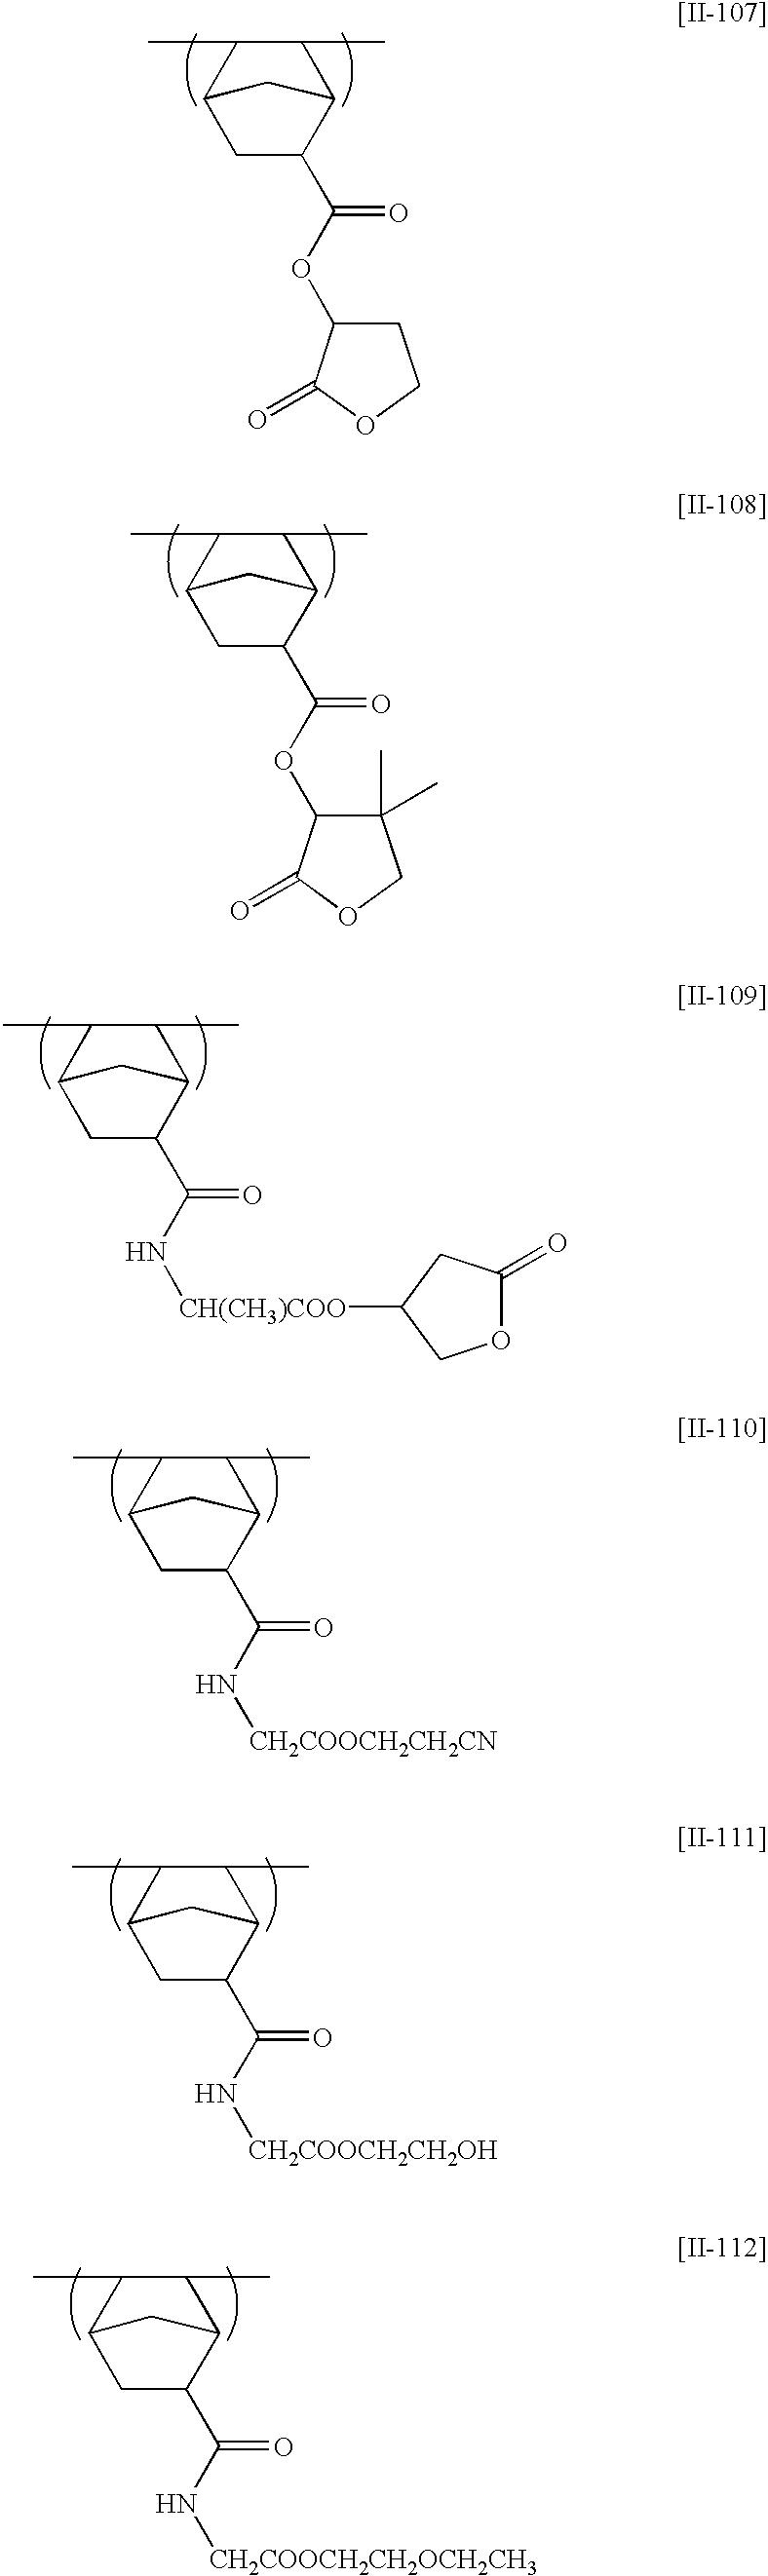 Figure US20030186161A1-20031002-C00077